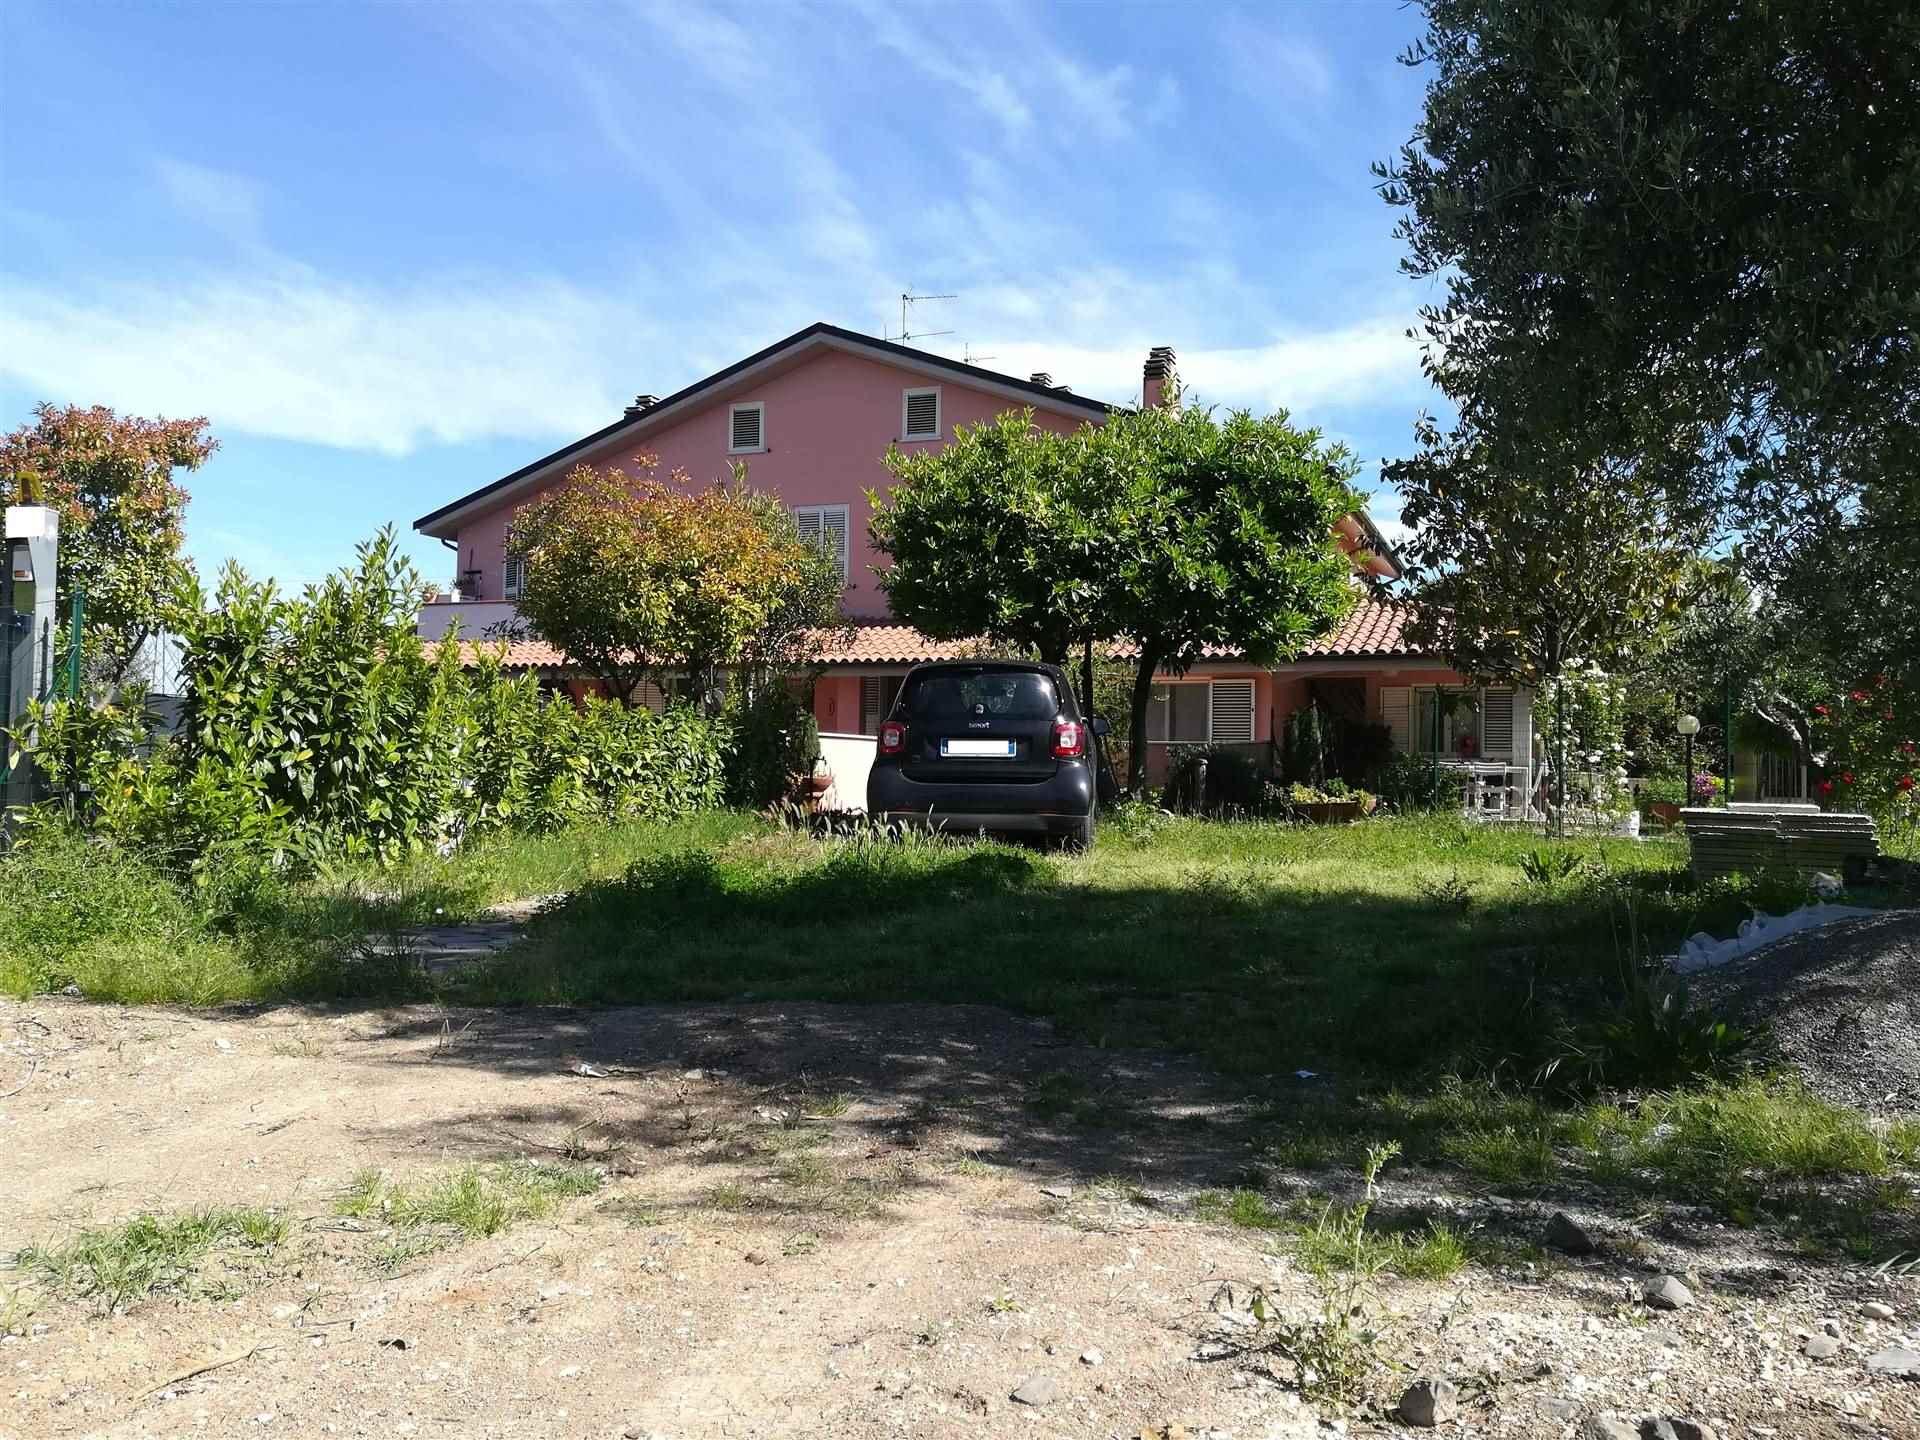 Appartamento in vendita a Terni, 3 locali, zona periferia Periferia, prezzo € 150.000 | PortaleAgenzieImmobiliari.it